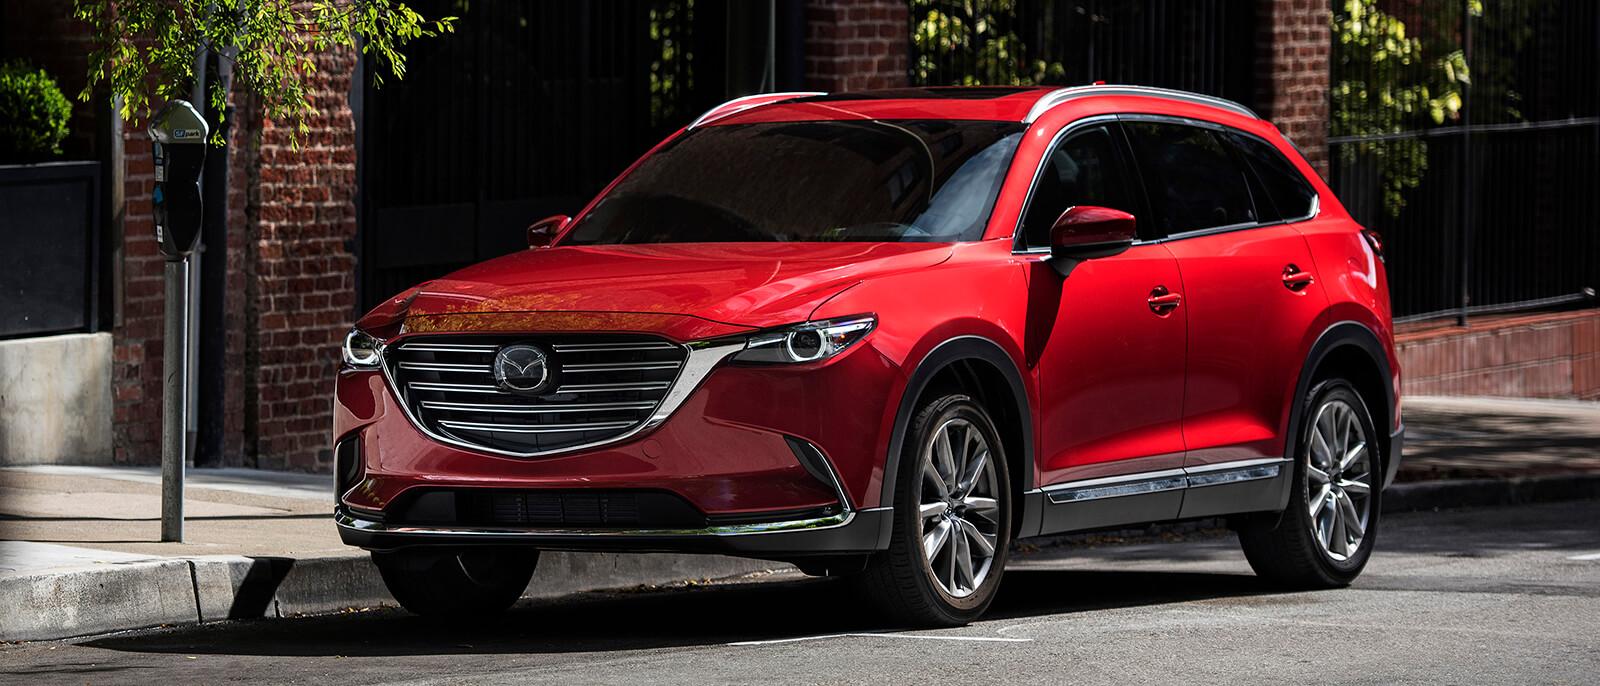 2016 Mazda CX-9 Red